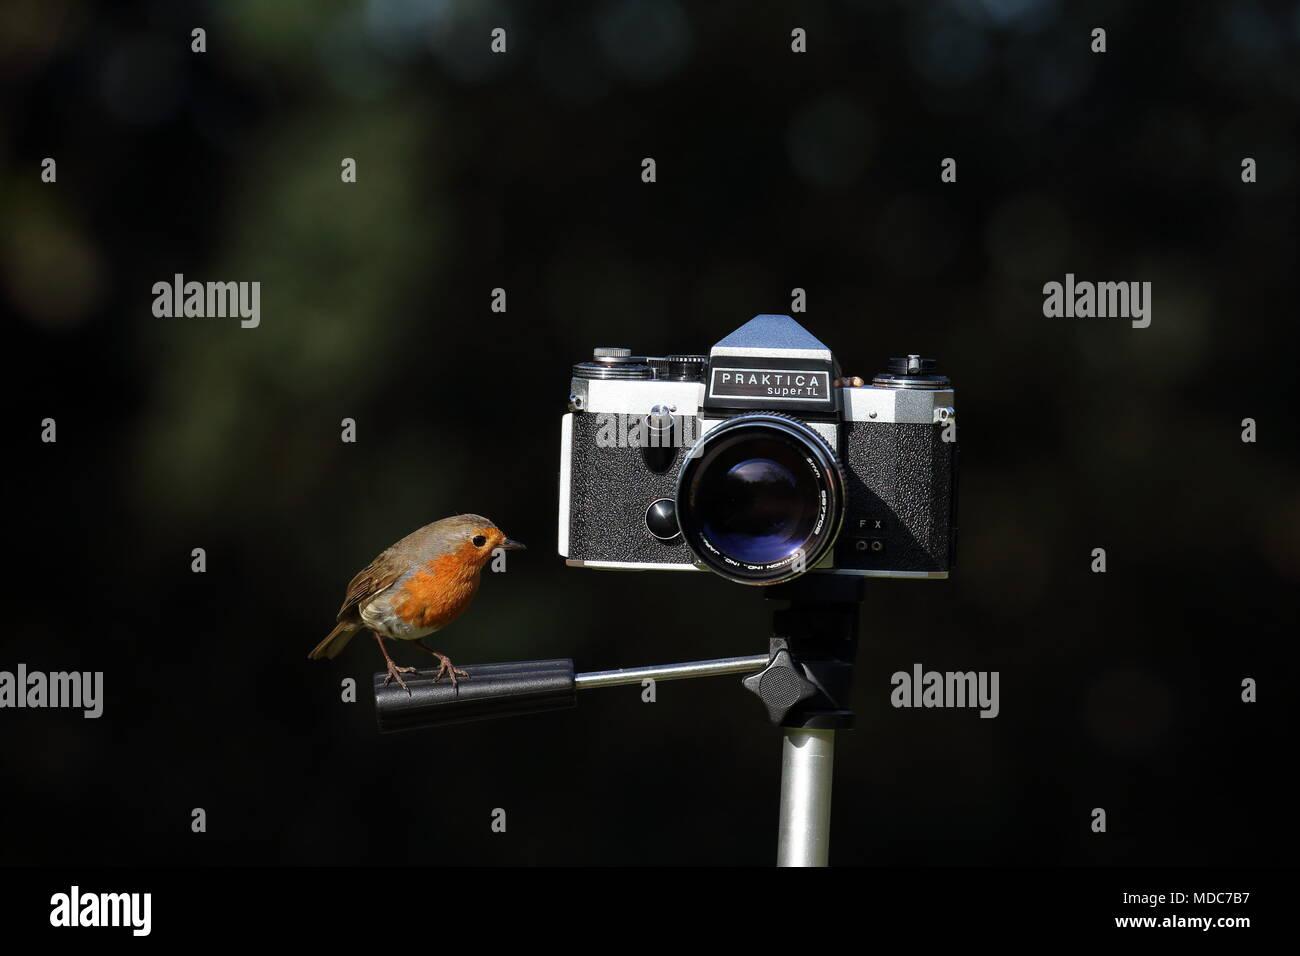 Robin looking at Praktica Camera - Stock Image